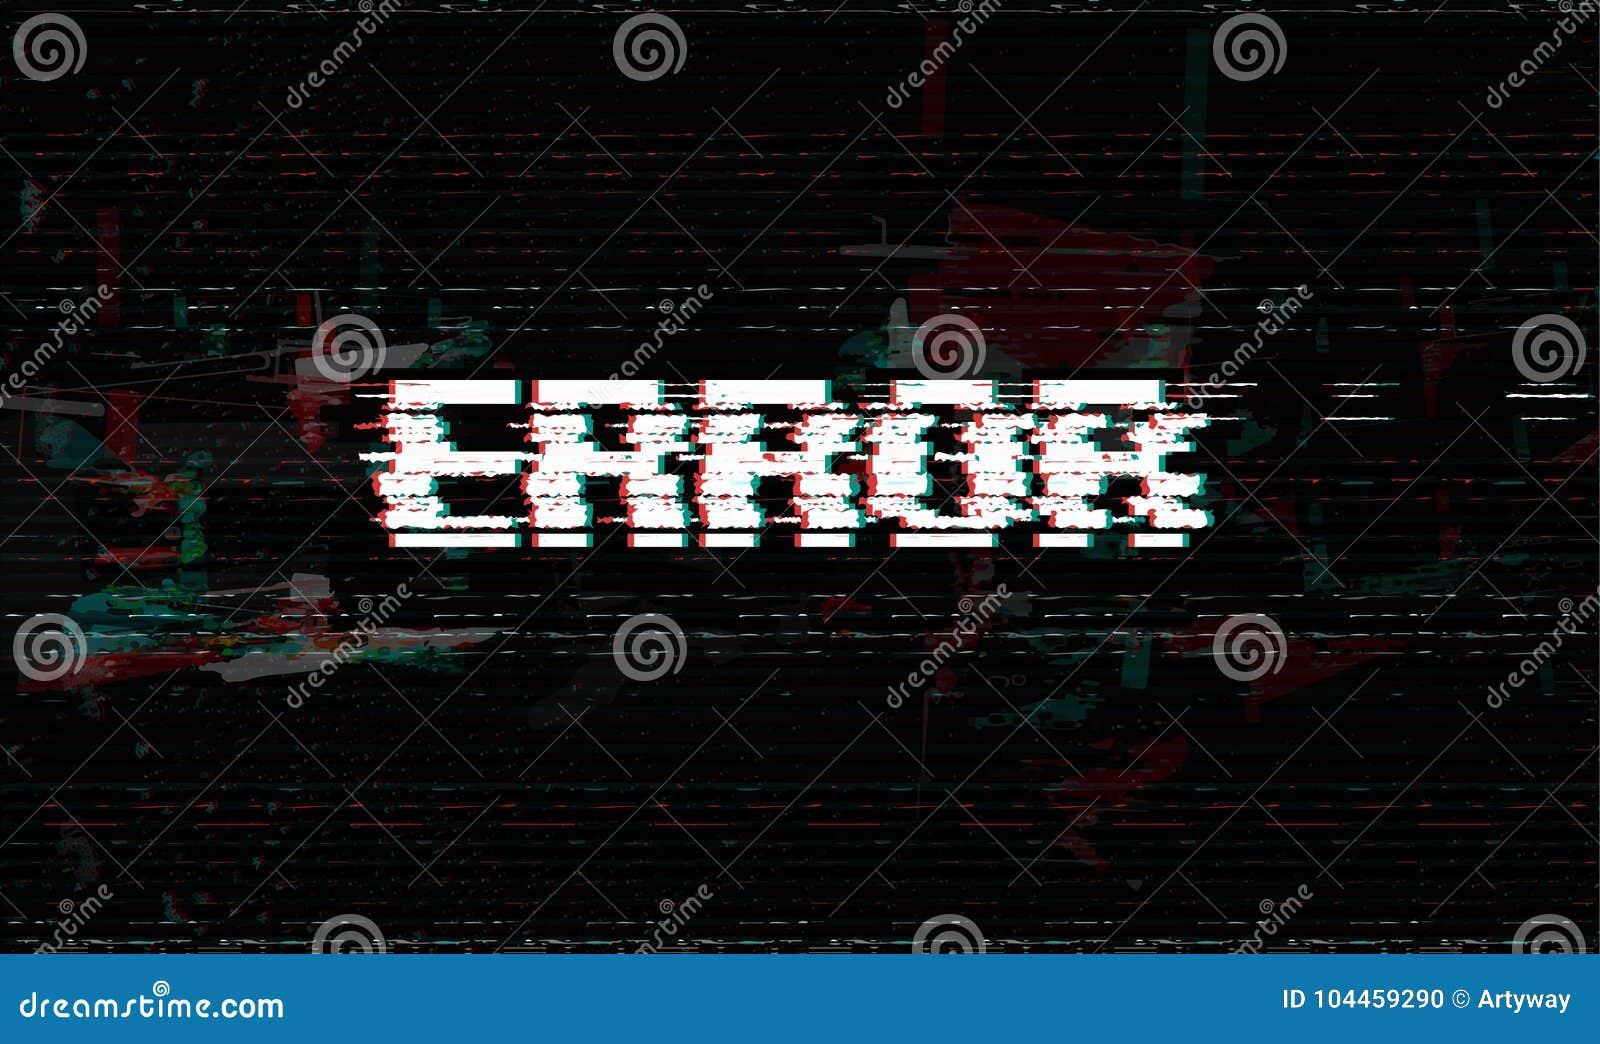 Fehlermeldung, Störschub, Systemfehler-Vektorillustration, schwarzer Störschubeffekthintergrund